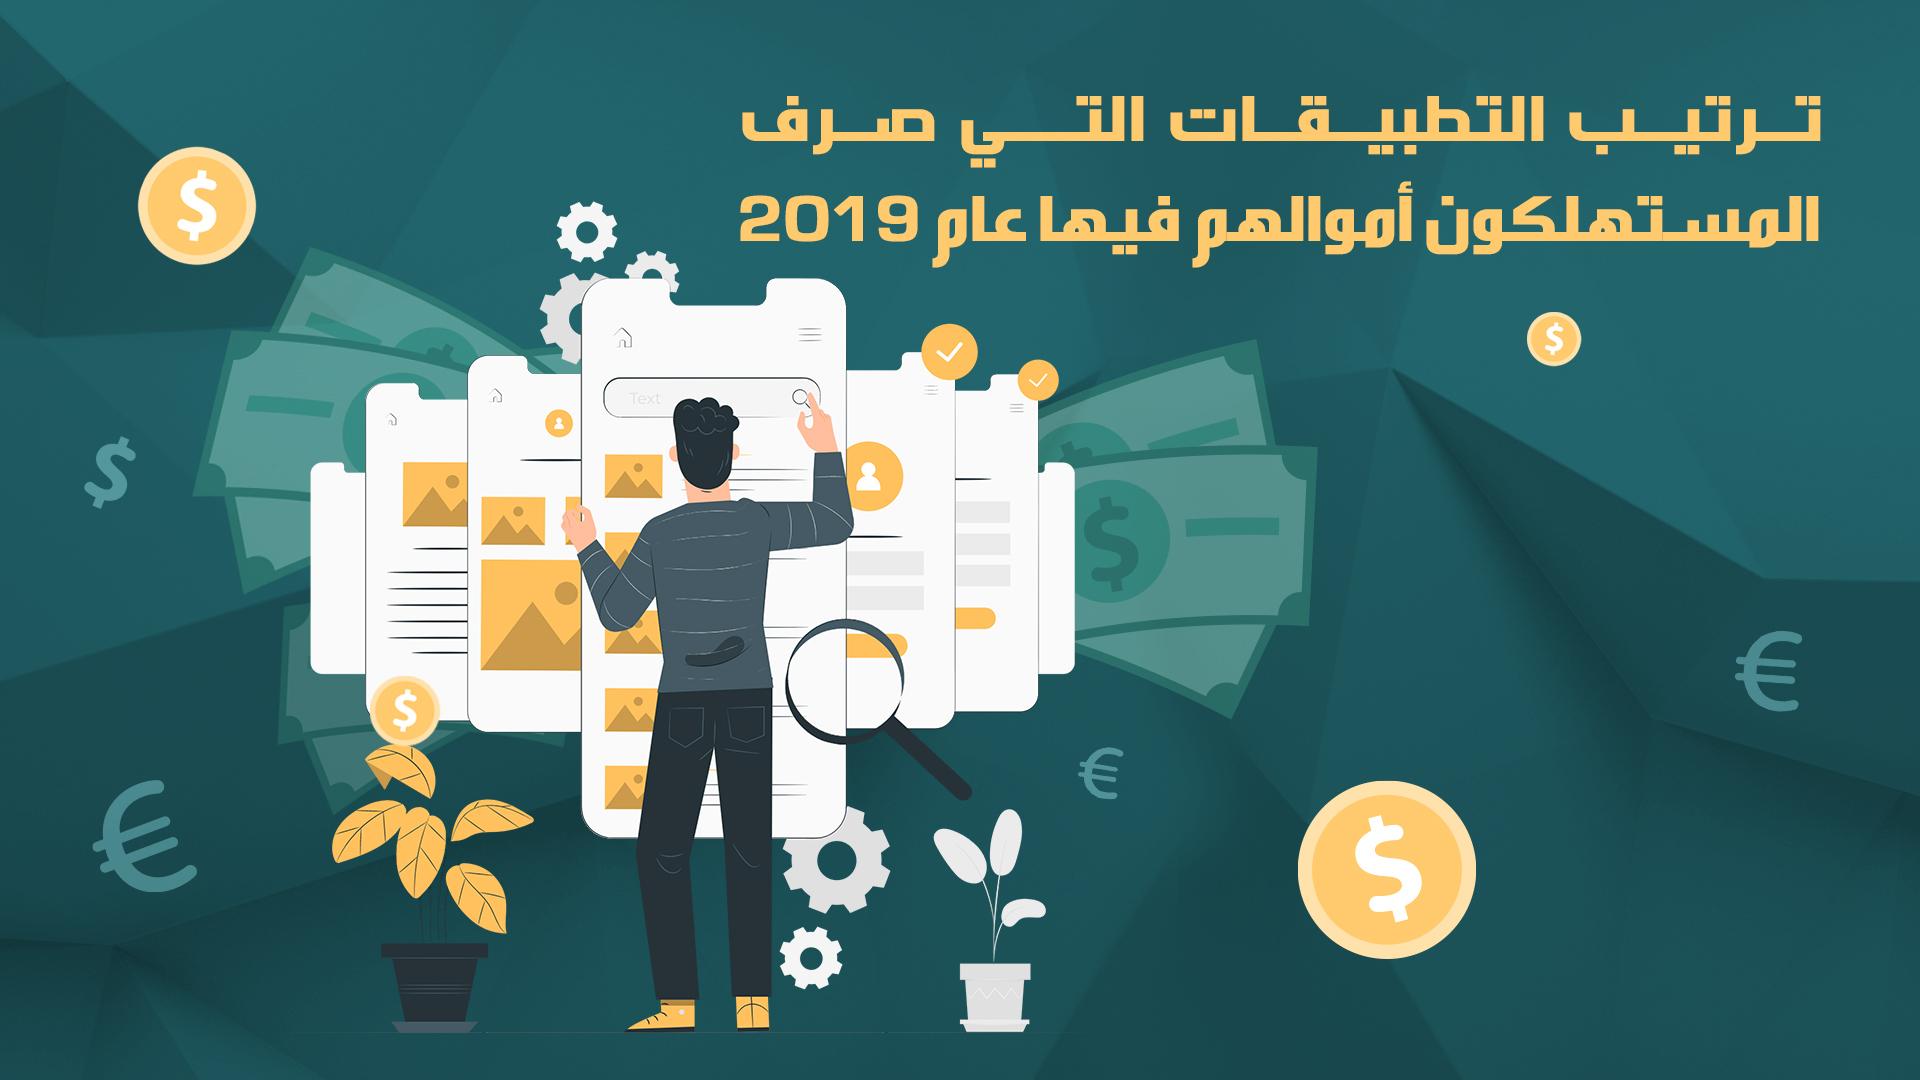 ترتيب التطبيقات التي صرف المستهلكون أموالهم فيها عام 2019